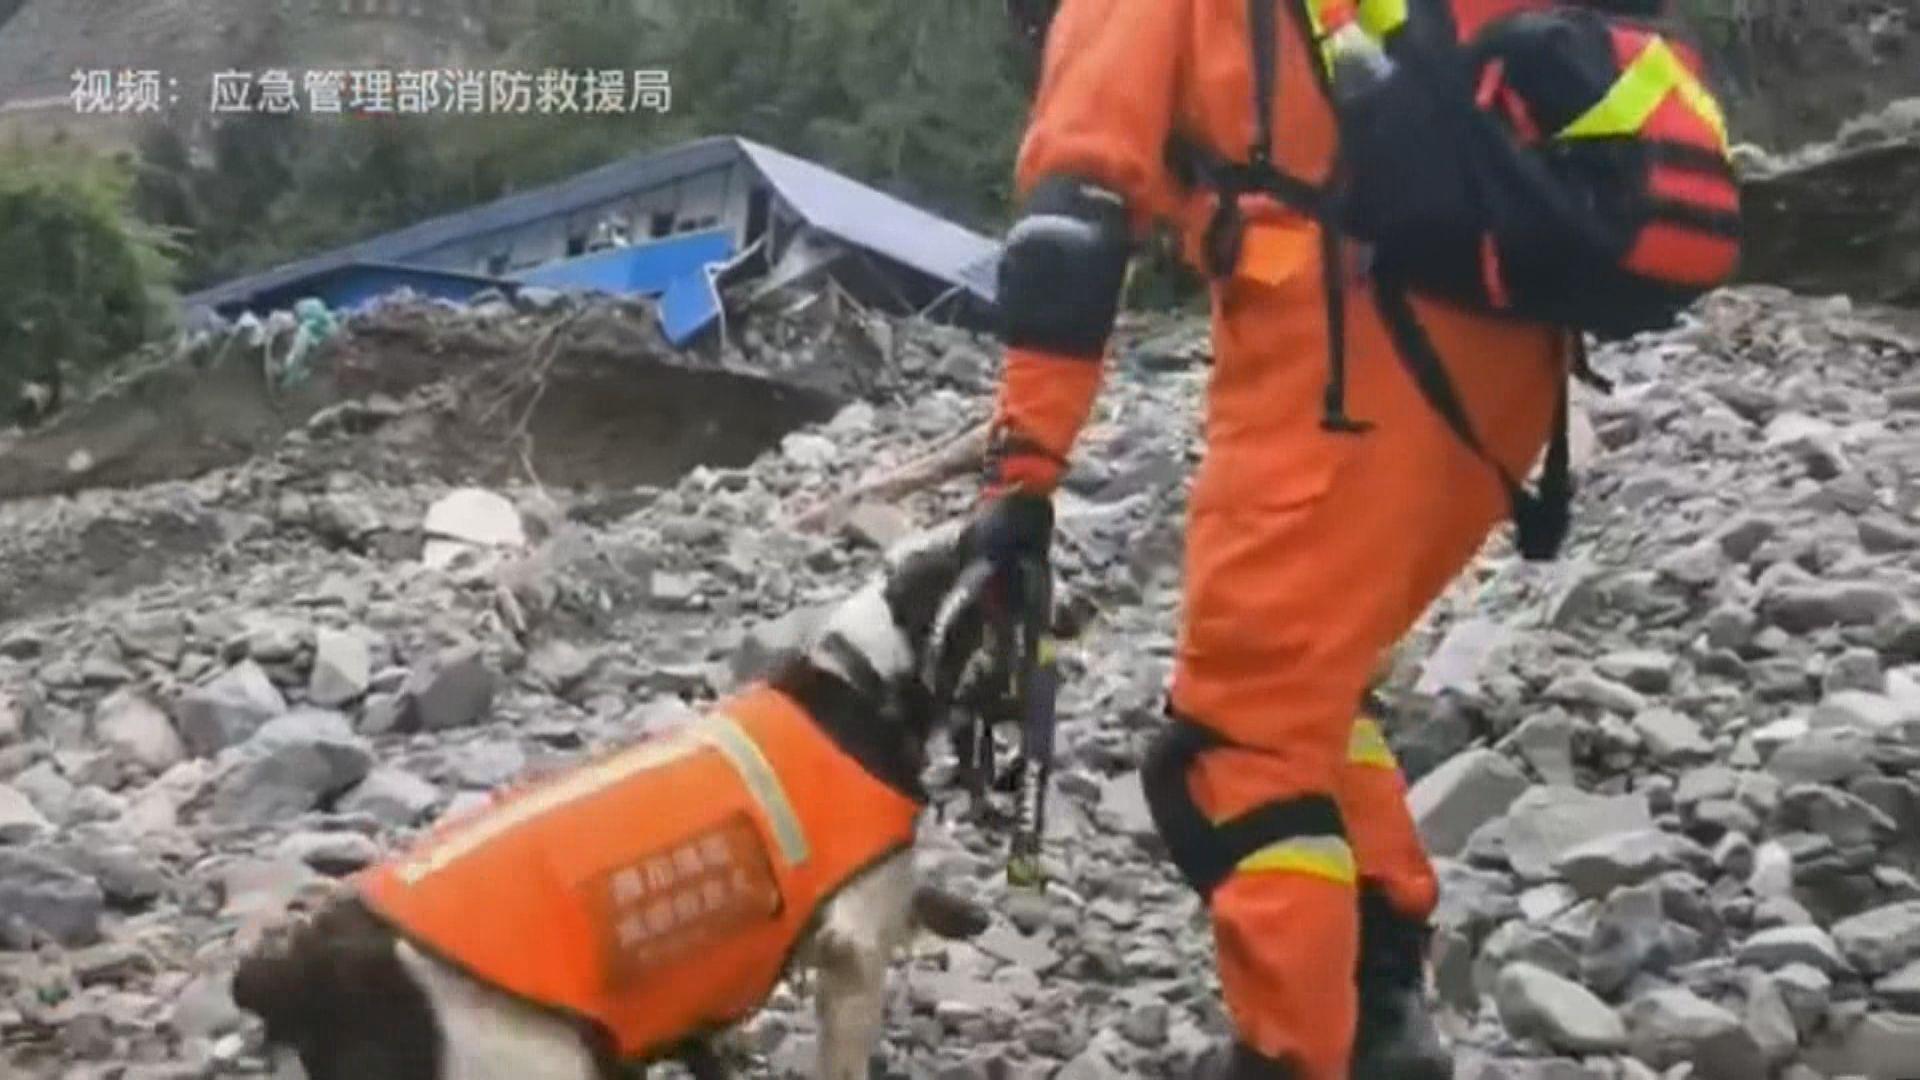 四川天全縣暴雨引發泥石流 多人失蹤